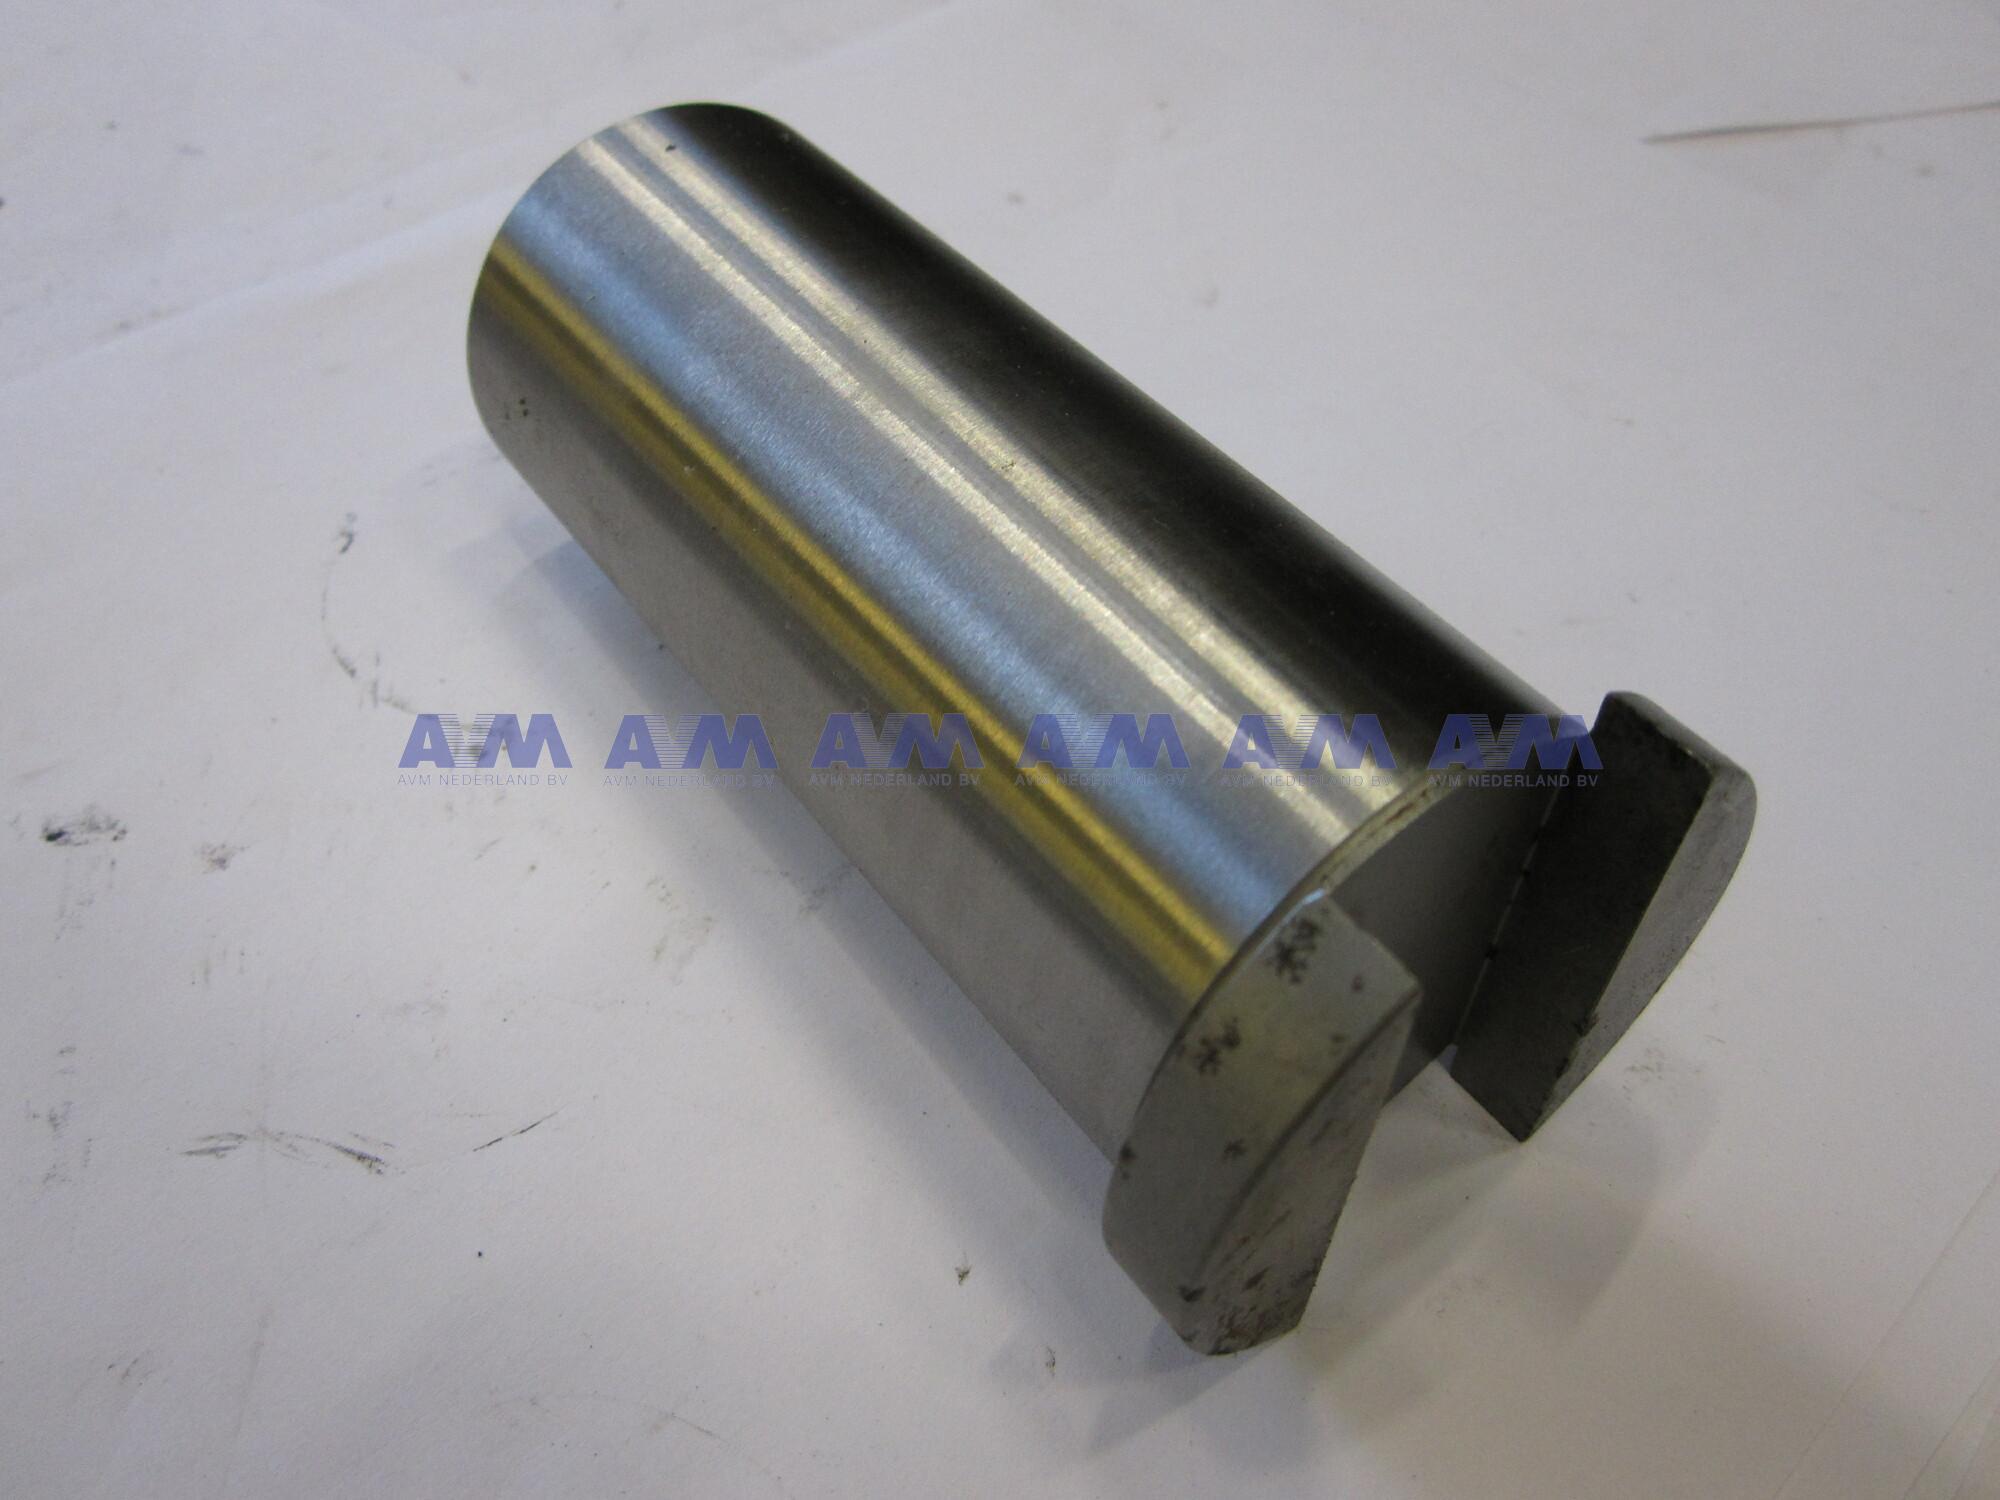 Pen asblokkeercilinder gebruikt 955513008-G Liebherr